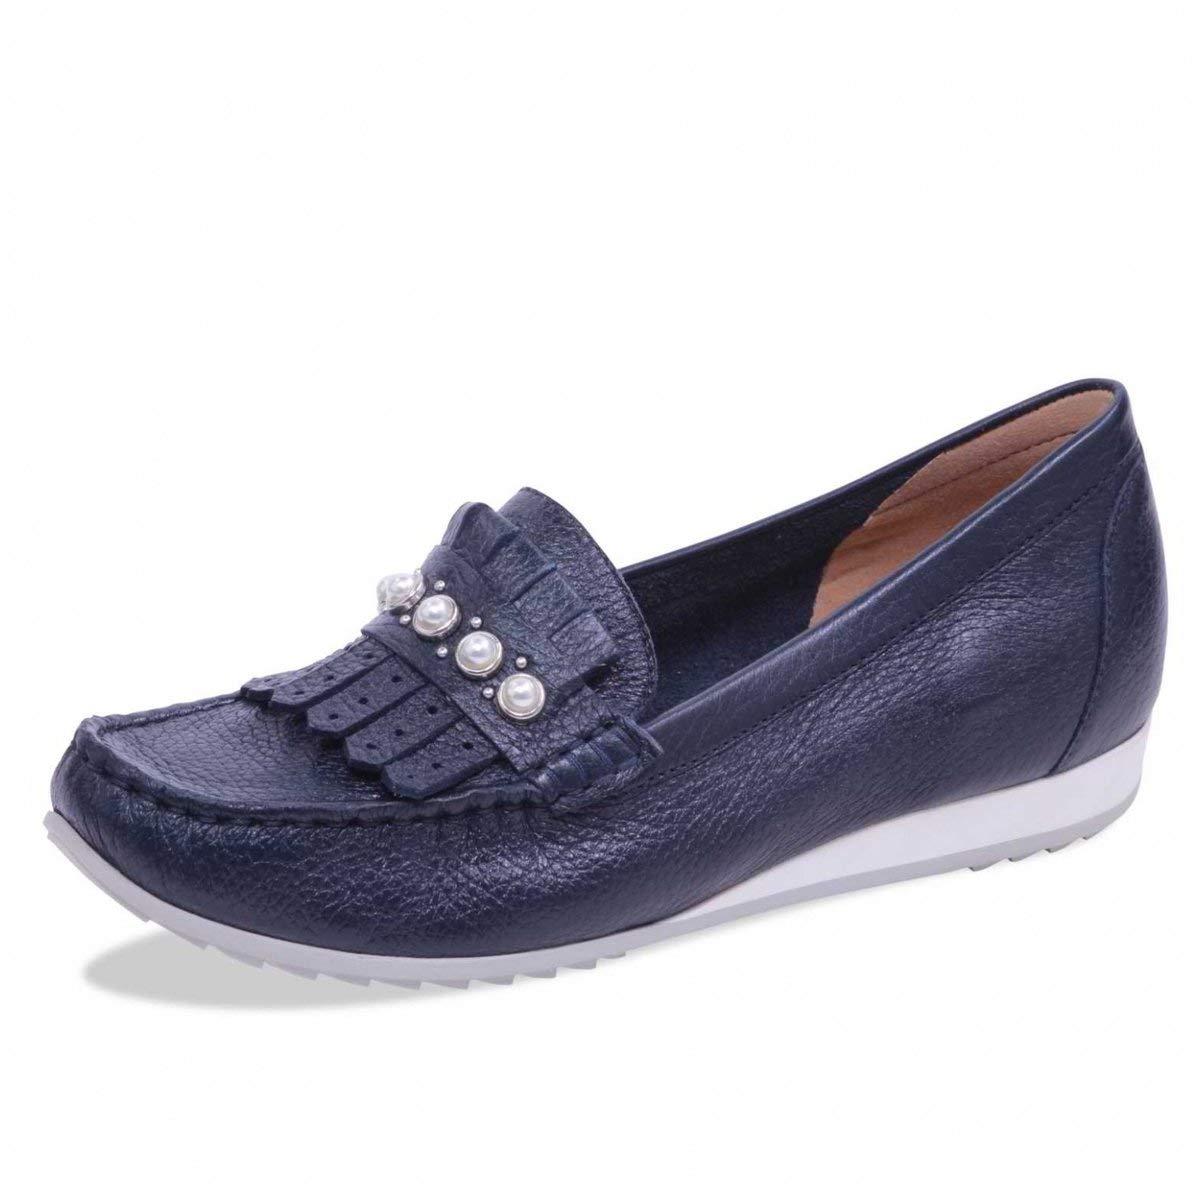 CAPRICE  Damen Slipper 9-9-24605-20/840 blau 403296  CAPRICE Blau 97f298